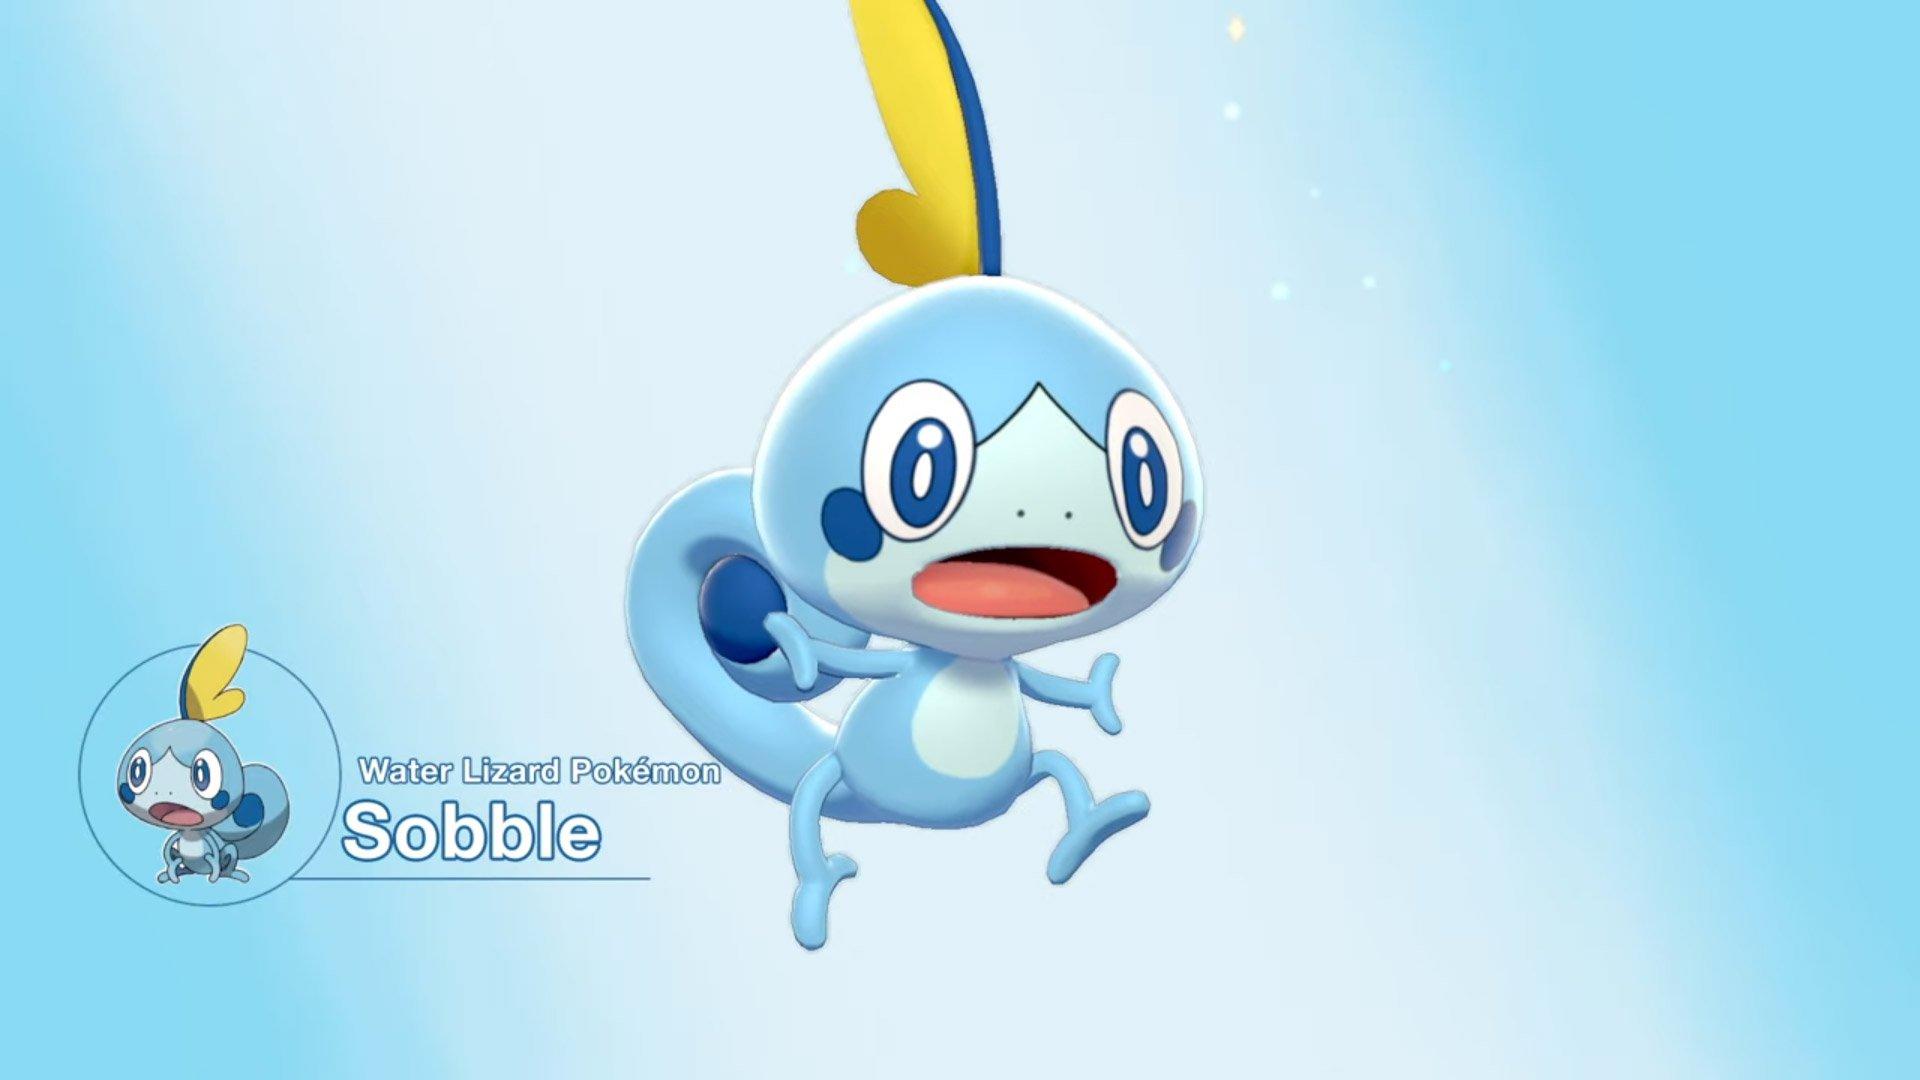 Sobble